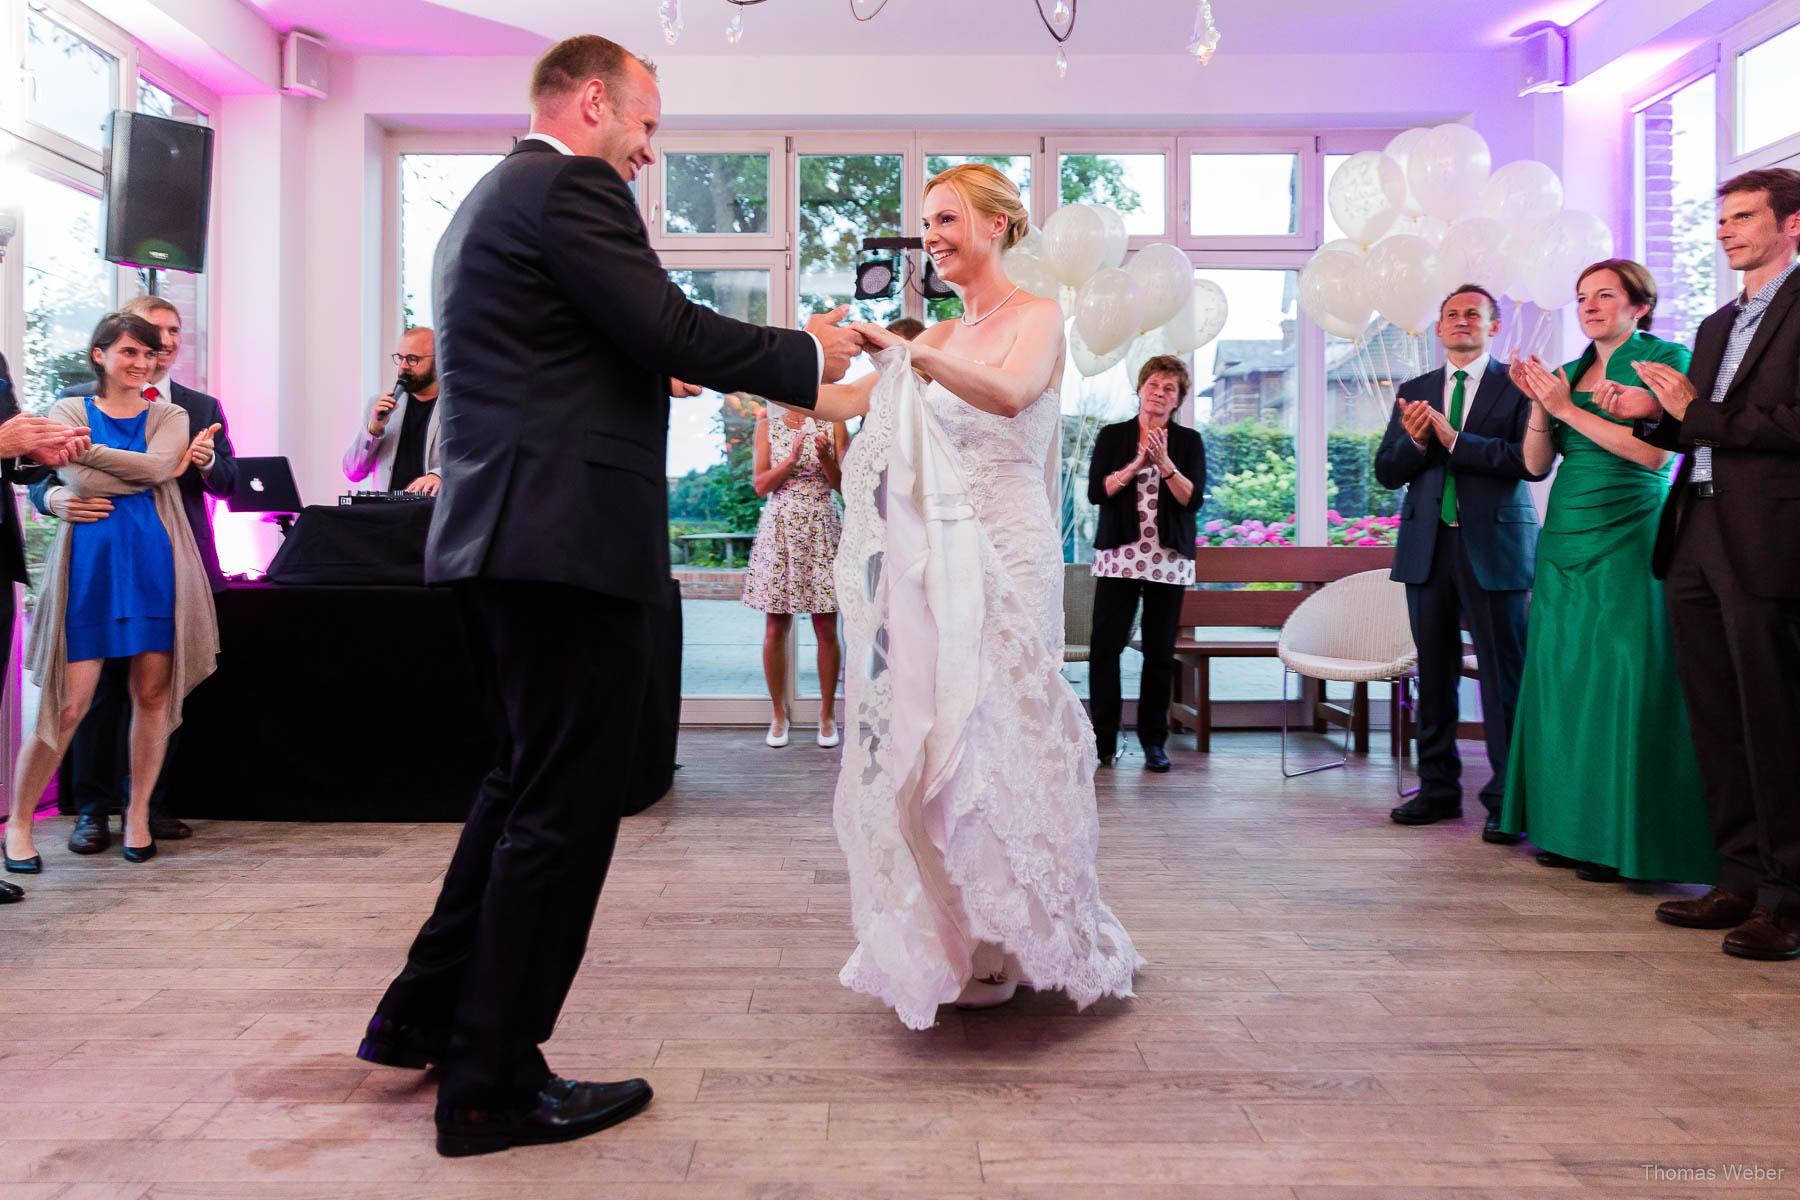 Hochzeitsfeier an der Oldenburger Hunte, Hochzeitsfotograf Thomas Weber aus Oldenburg